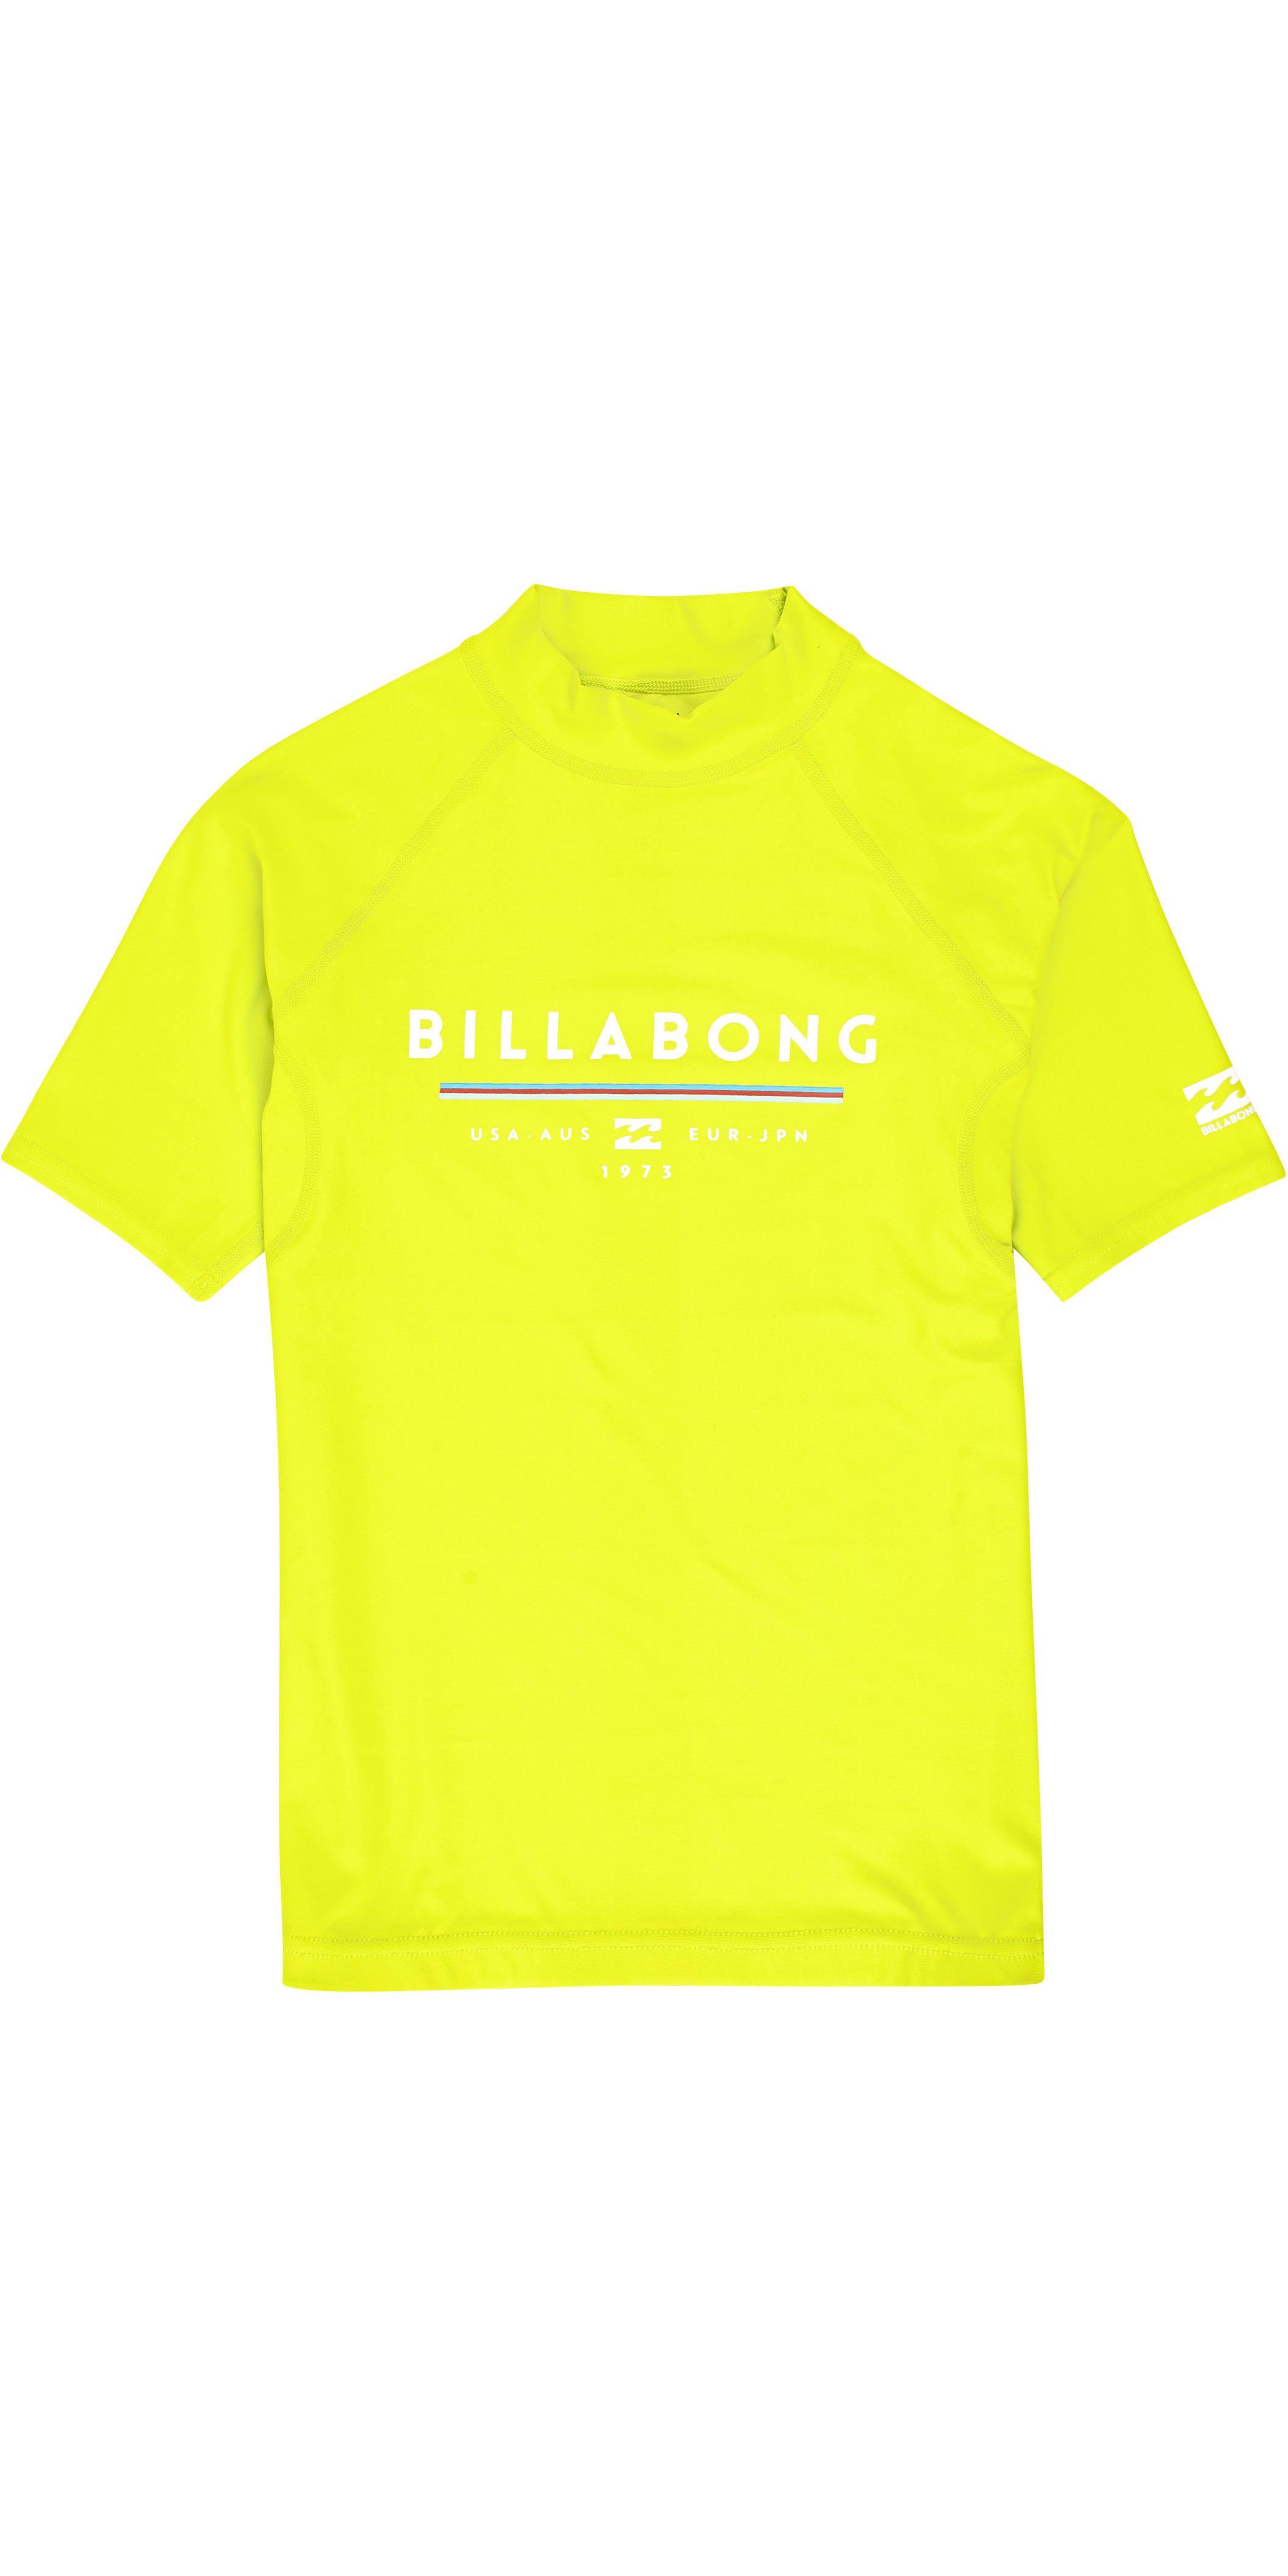 BILLABONG Junior Boys Unity Manica Corta Rash Vest Top Rosso Completa Il Tuo Kit da Surf Performance con Unity Rashguard